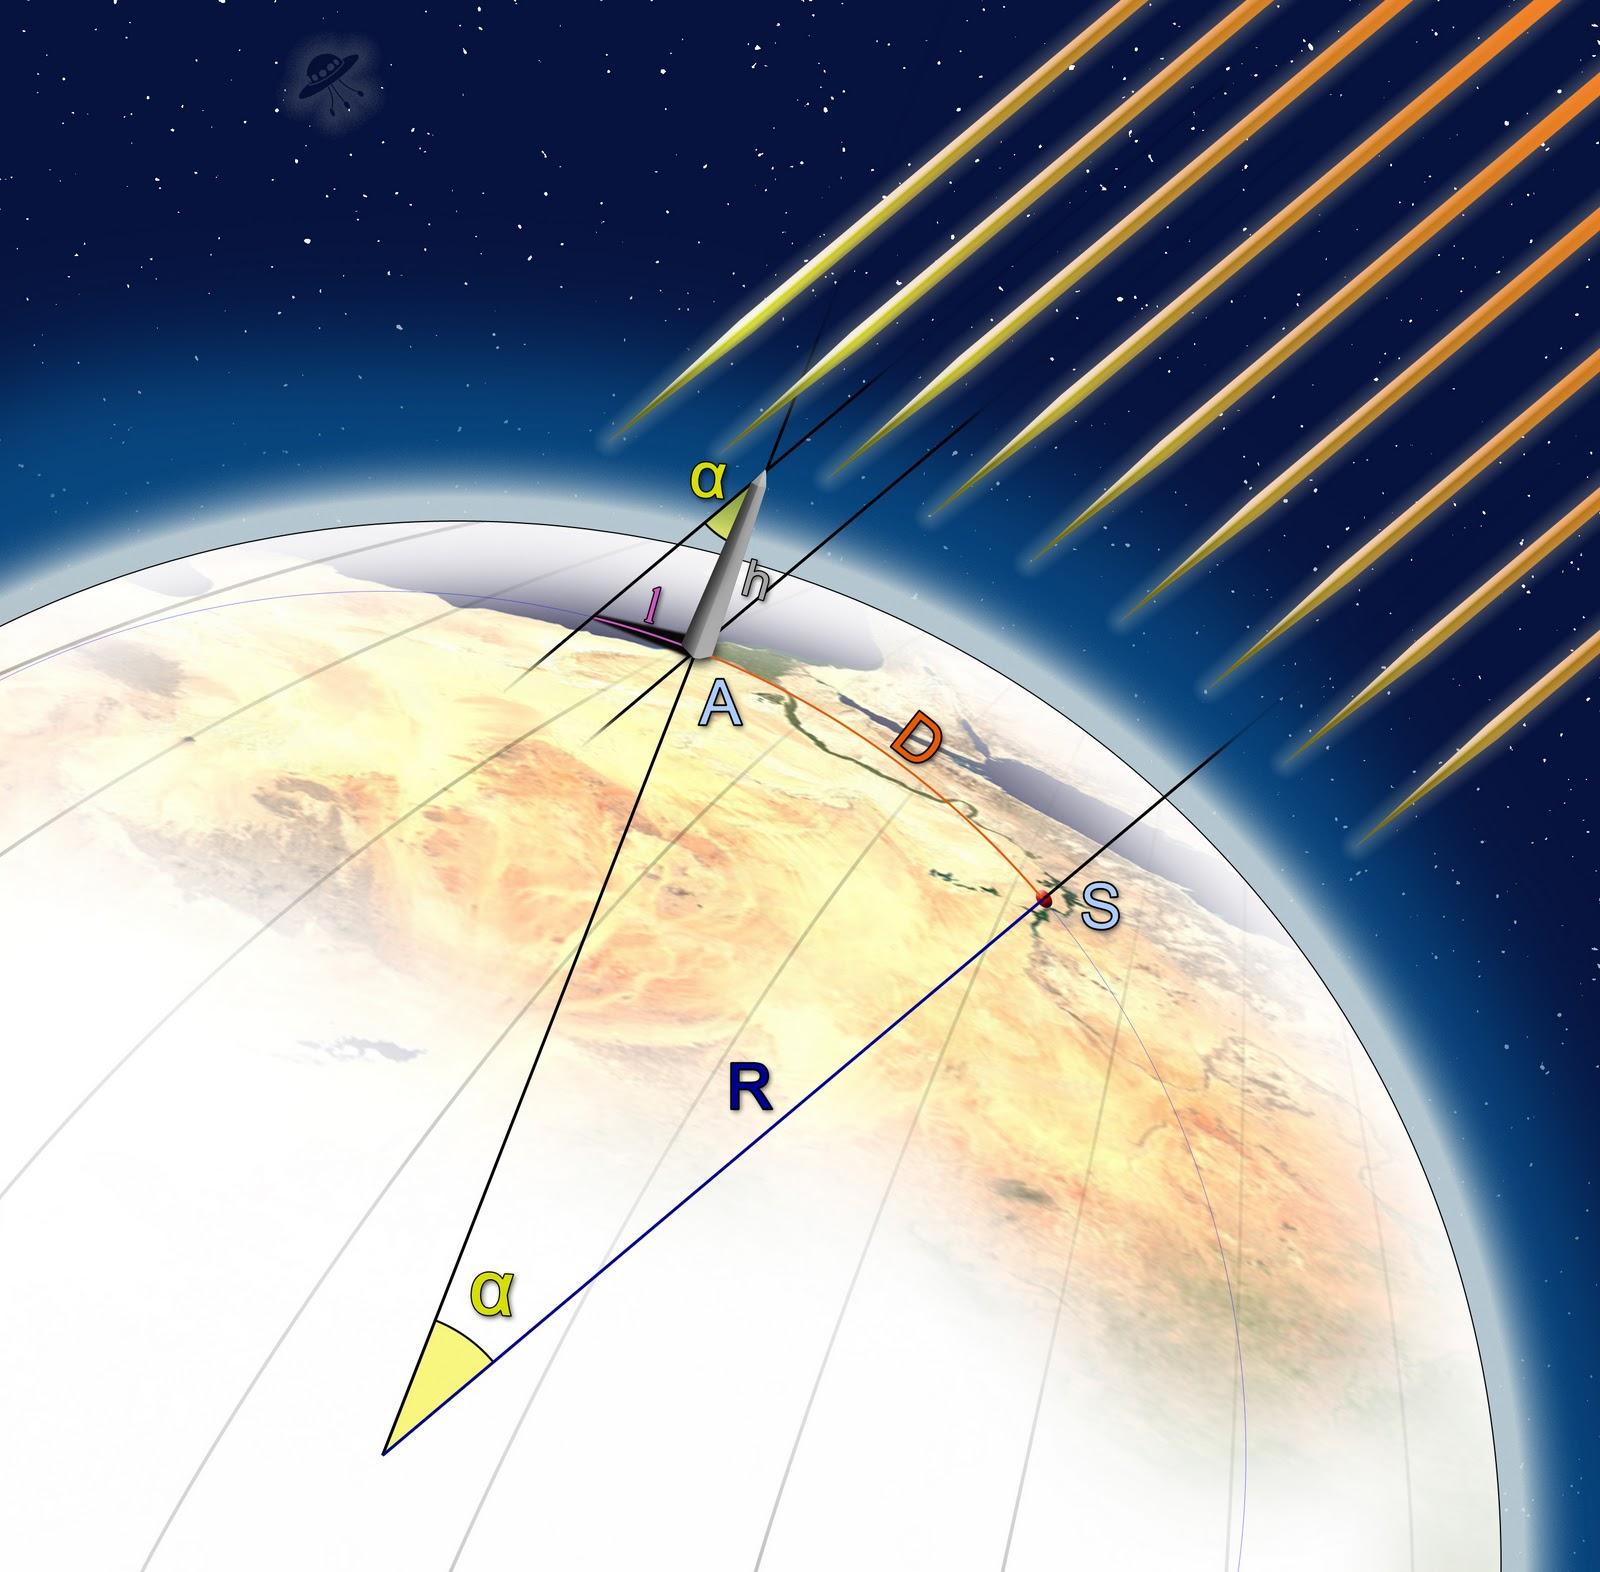 Pianeta scienza la terra dimensioni e coordinate geografiche for Calcolo superficie